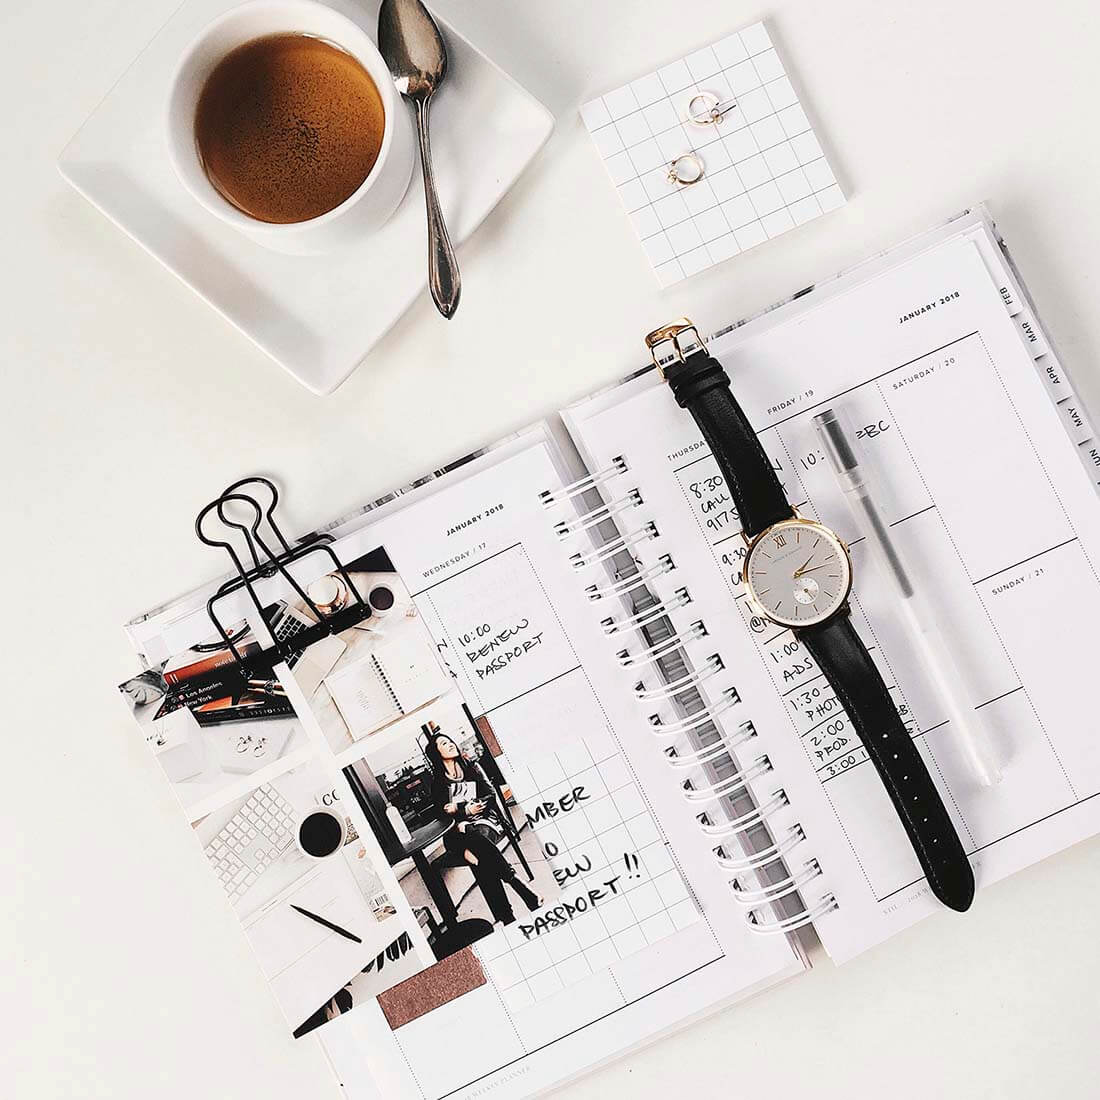 xícara, colher, relógio e agenda